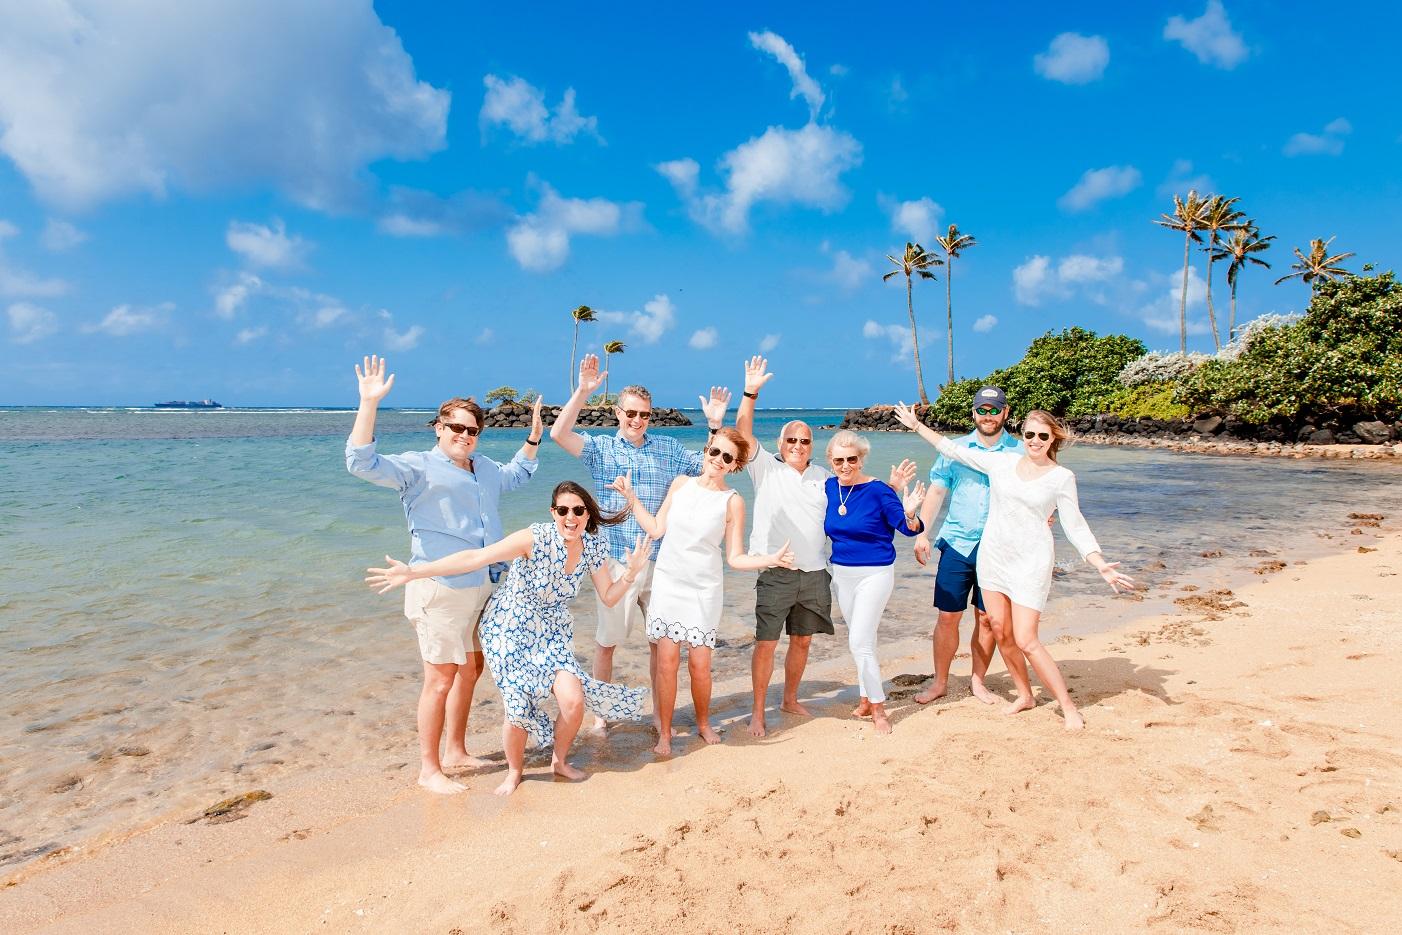 family vacation celebration photo on the beach